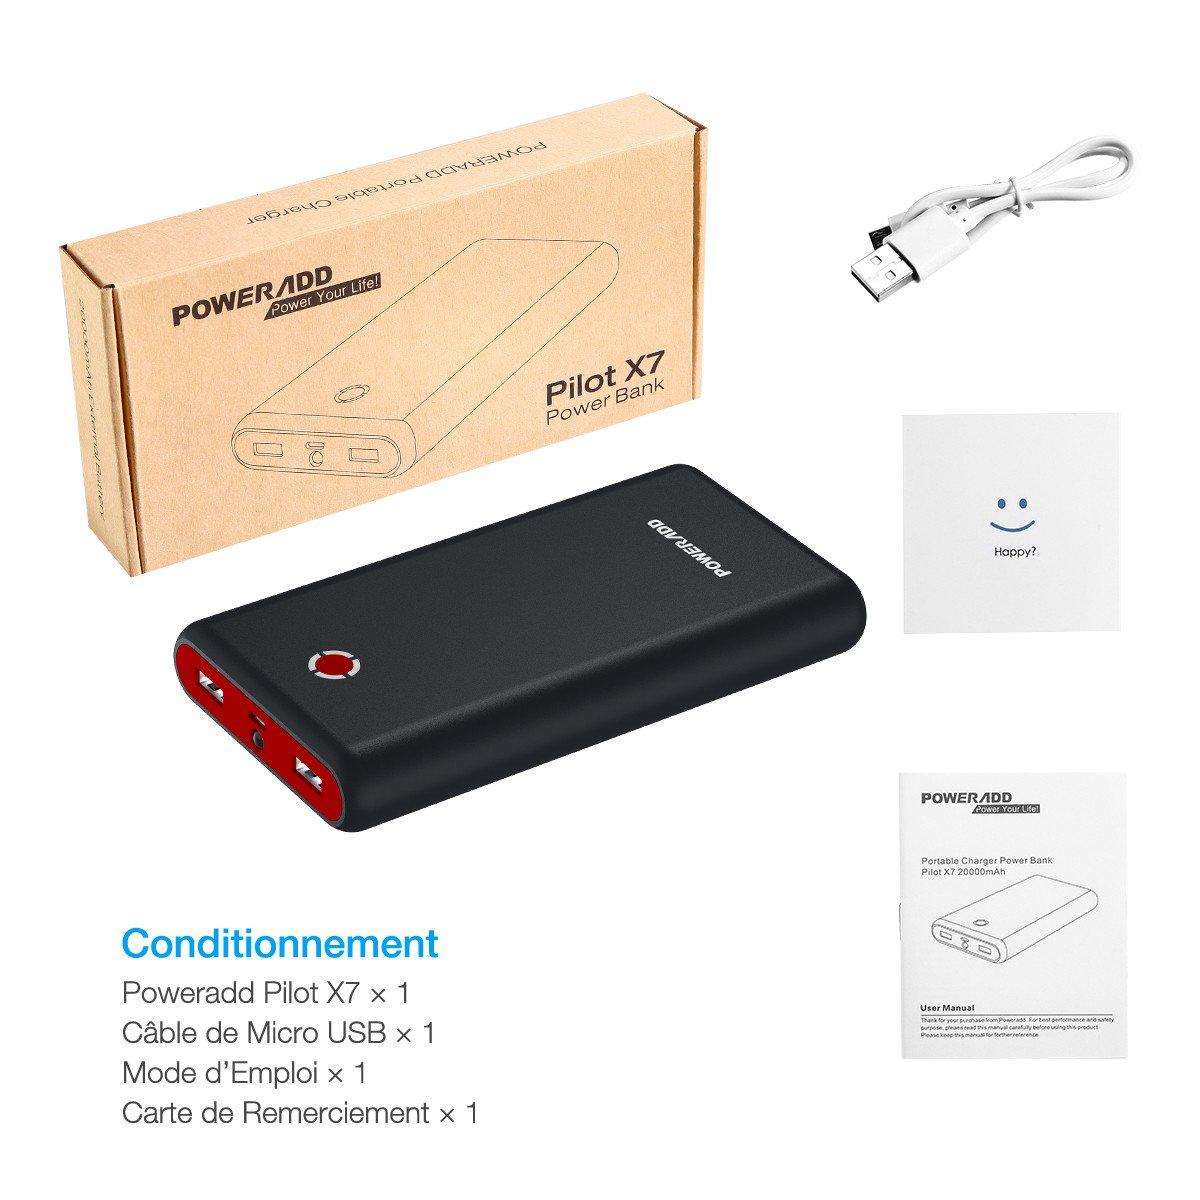 POWERADD Pilot X7 Chargeur Portable 20000mAh avec Deux Port de Sortie (3.1A+3.1A) pour iPhone, iPad, Samsung, Huawei, d'Autres Smartphones - Noir Rouge